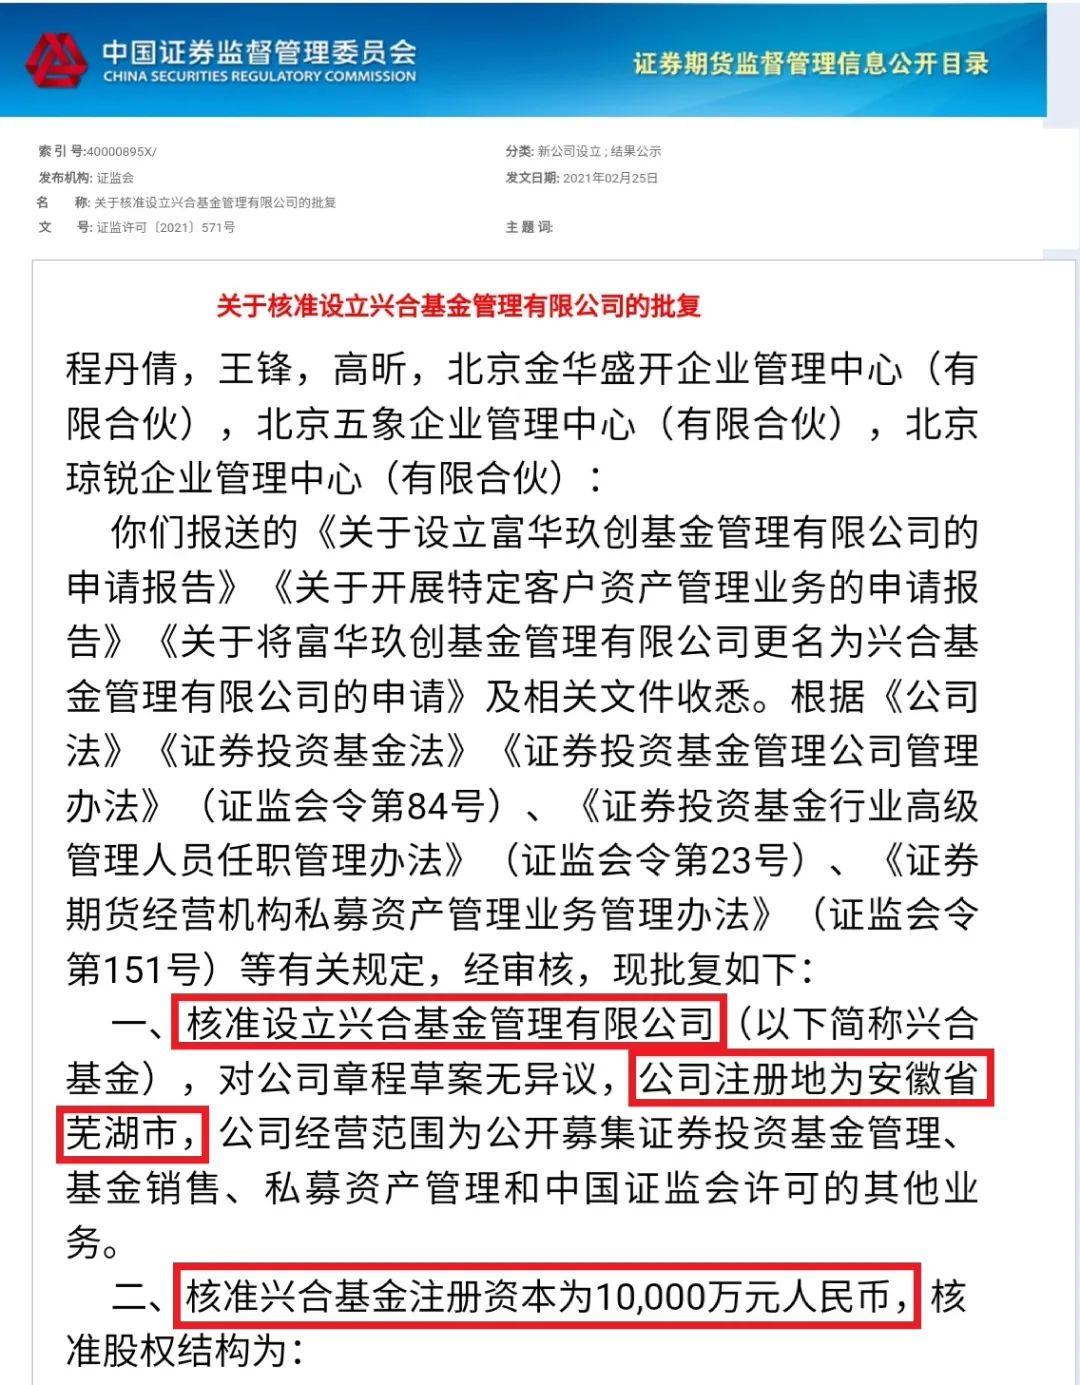 基金圈大消息!多名公募老将回归 又一家个人系基金公司获批 注册地在安徽芜湖